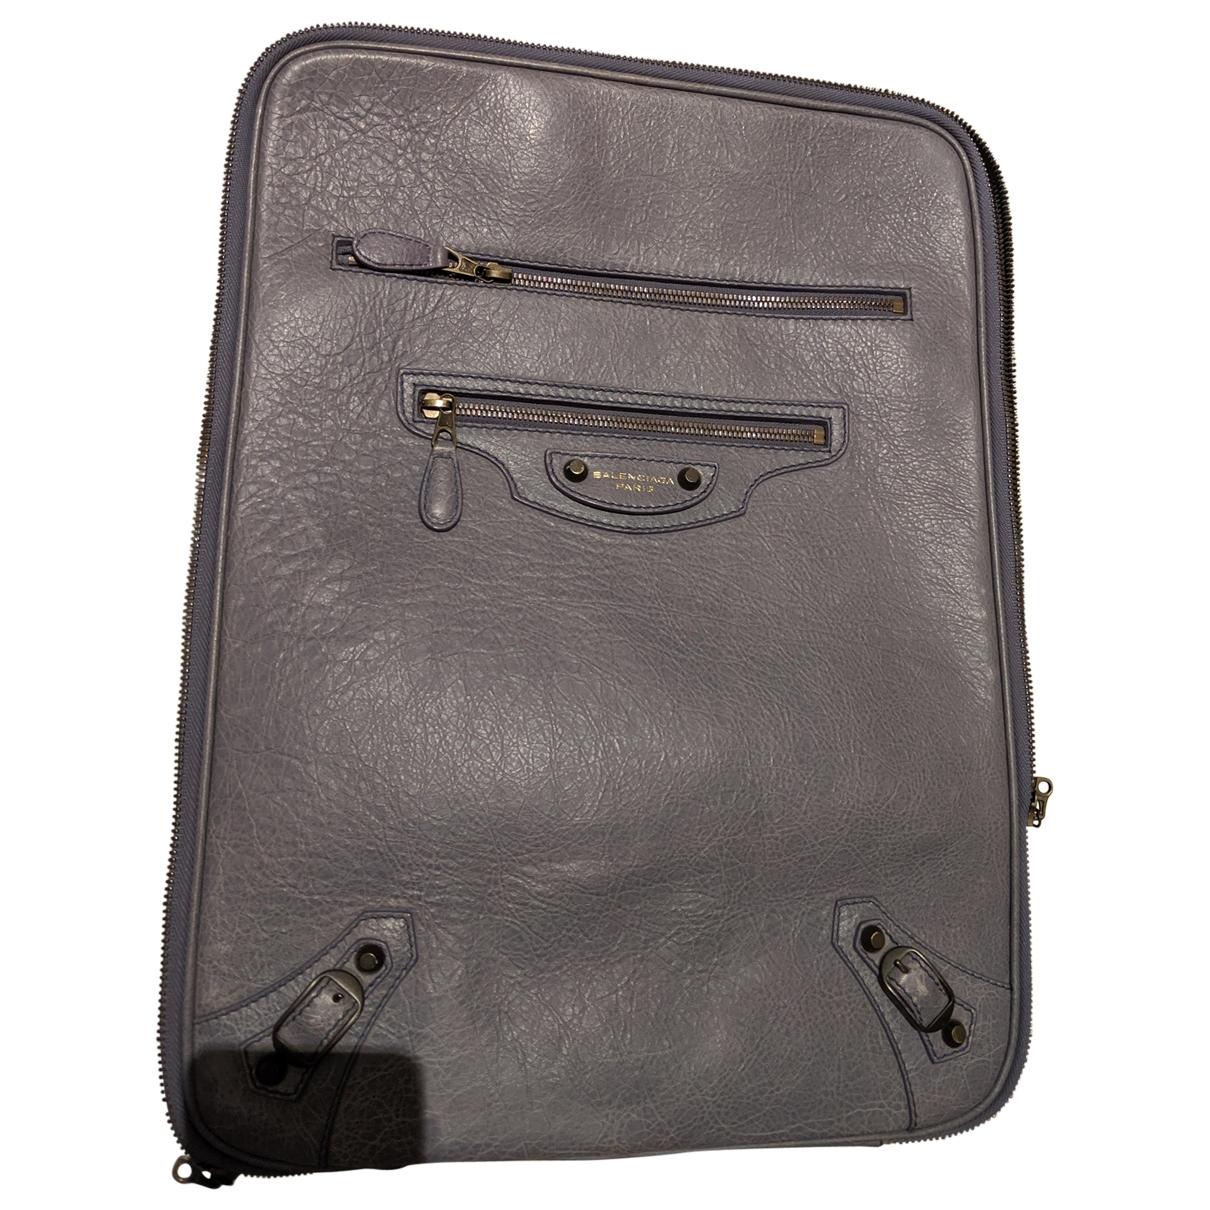 Balenciaga \N Grey Leather Travel bag for Women \N